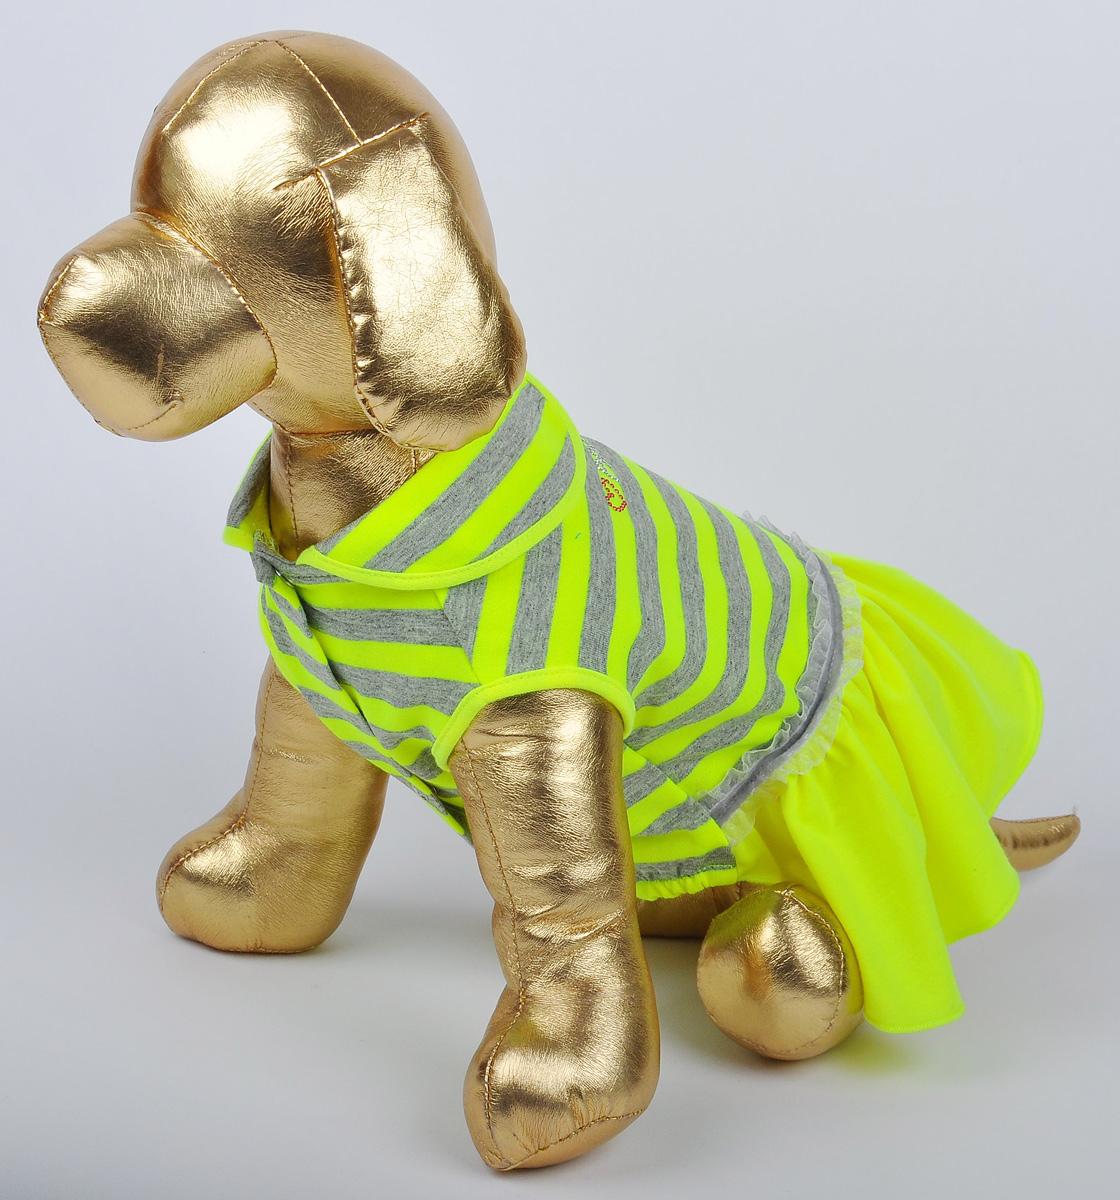 Платье для собак GLG Фэшн Ультра. Размер MMOS-006-YELLOW-MПлатье для собак GLG Фэшн Ультра выполнено из вискозы. Рукава не ограничивают свободу движений, и собачка будет чувствовать себя в нем комфортно. Изделие застегивается с помощью кнопок..Модное и невероятно удобное платье защитит вашего питомца от пыли и насекомых на улице, согреет дома или на даче. Длина спины: 27-29 см Обхват груди: 37-39 см.